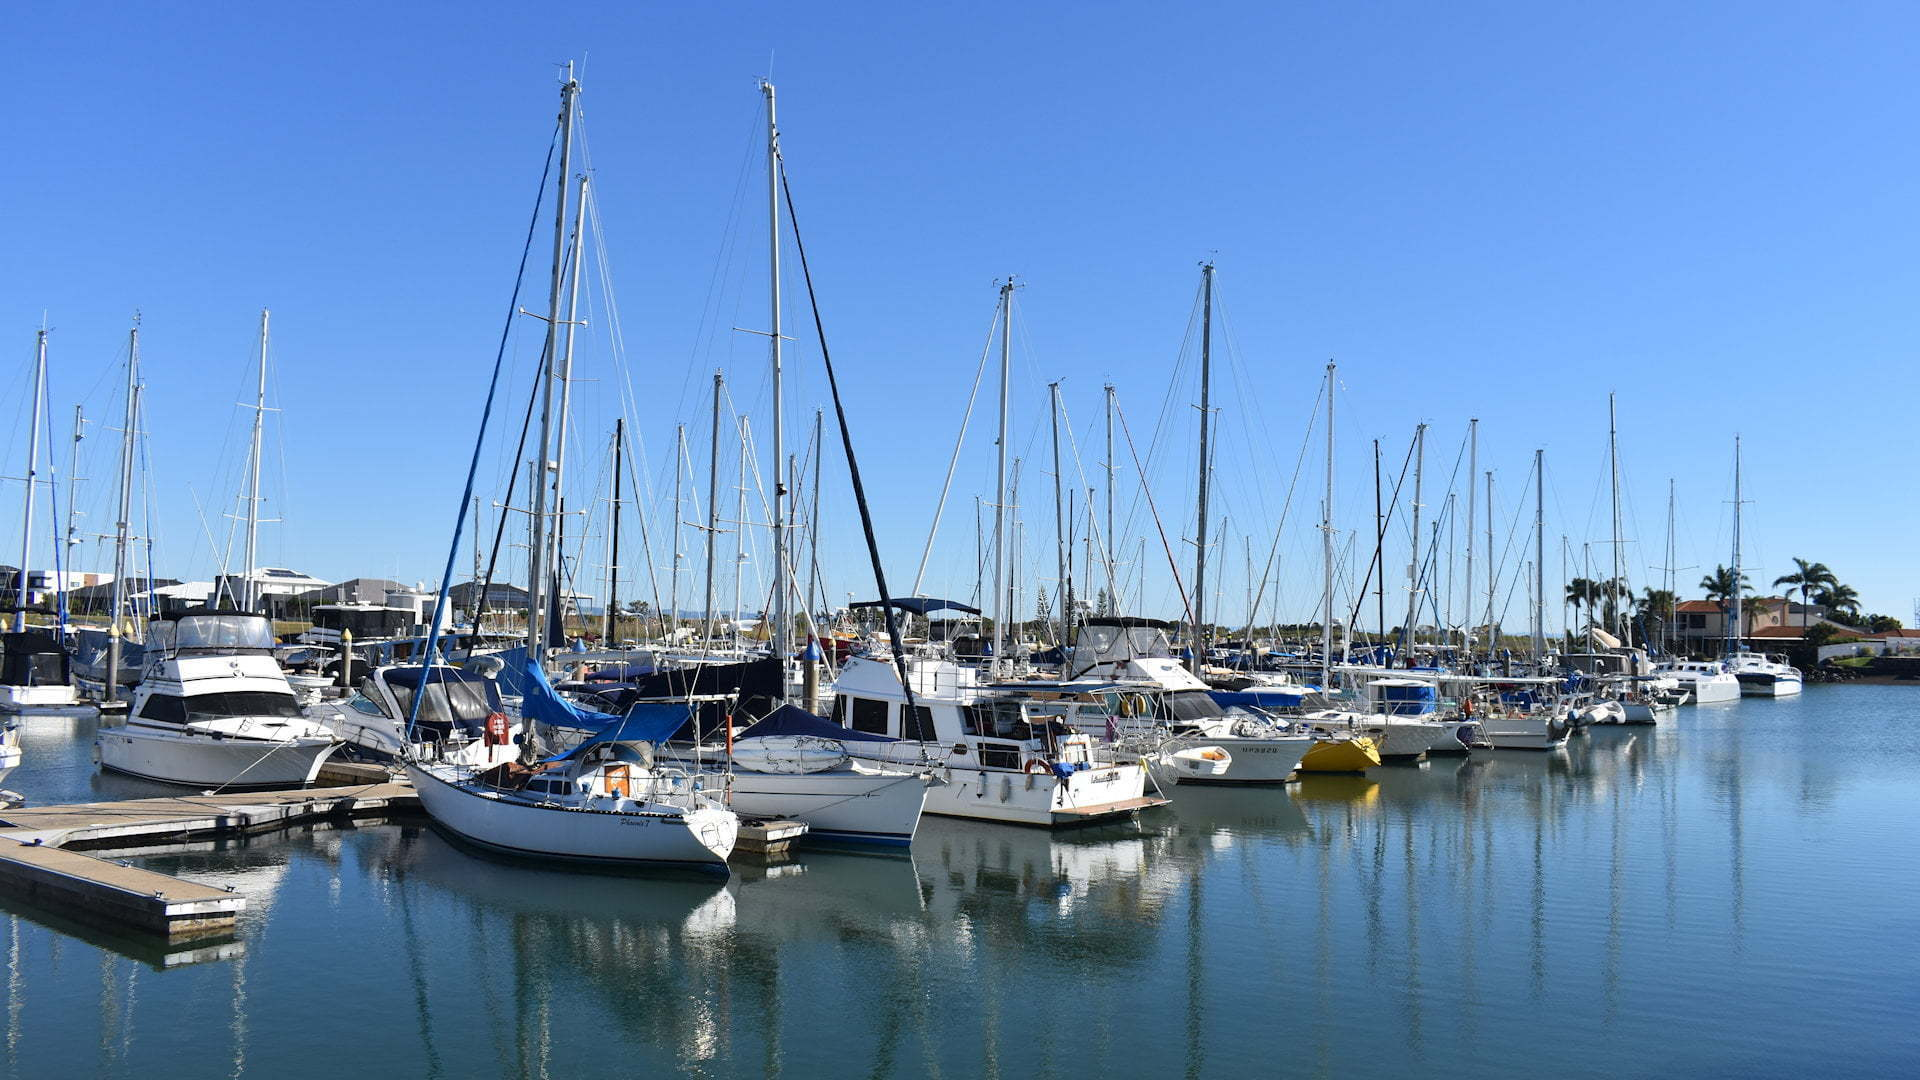 Sailing and power vessels at a marina, taken at Newport Marina